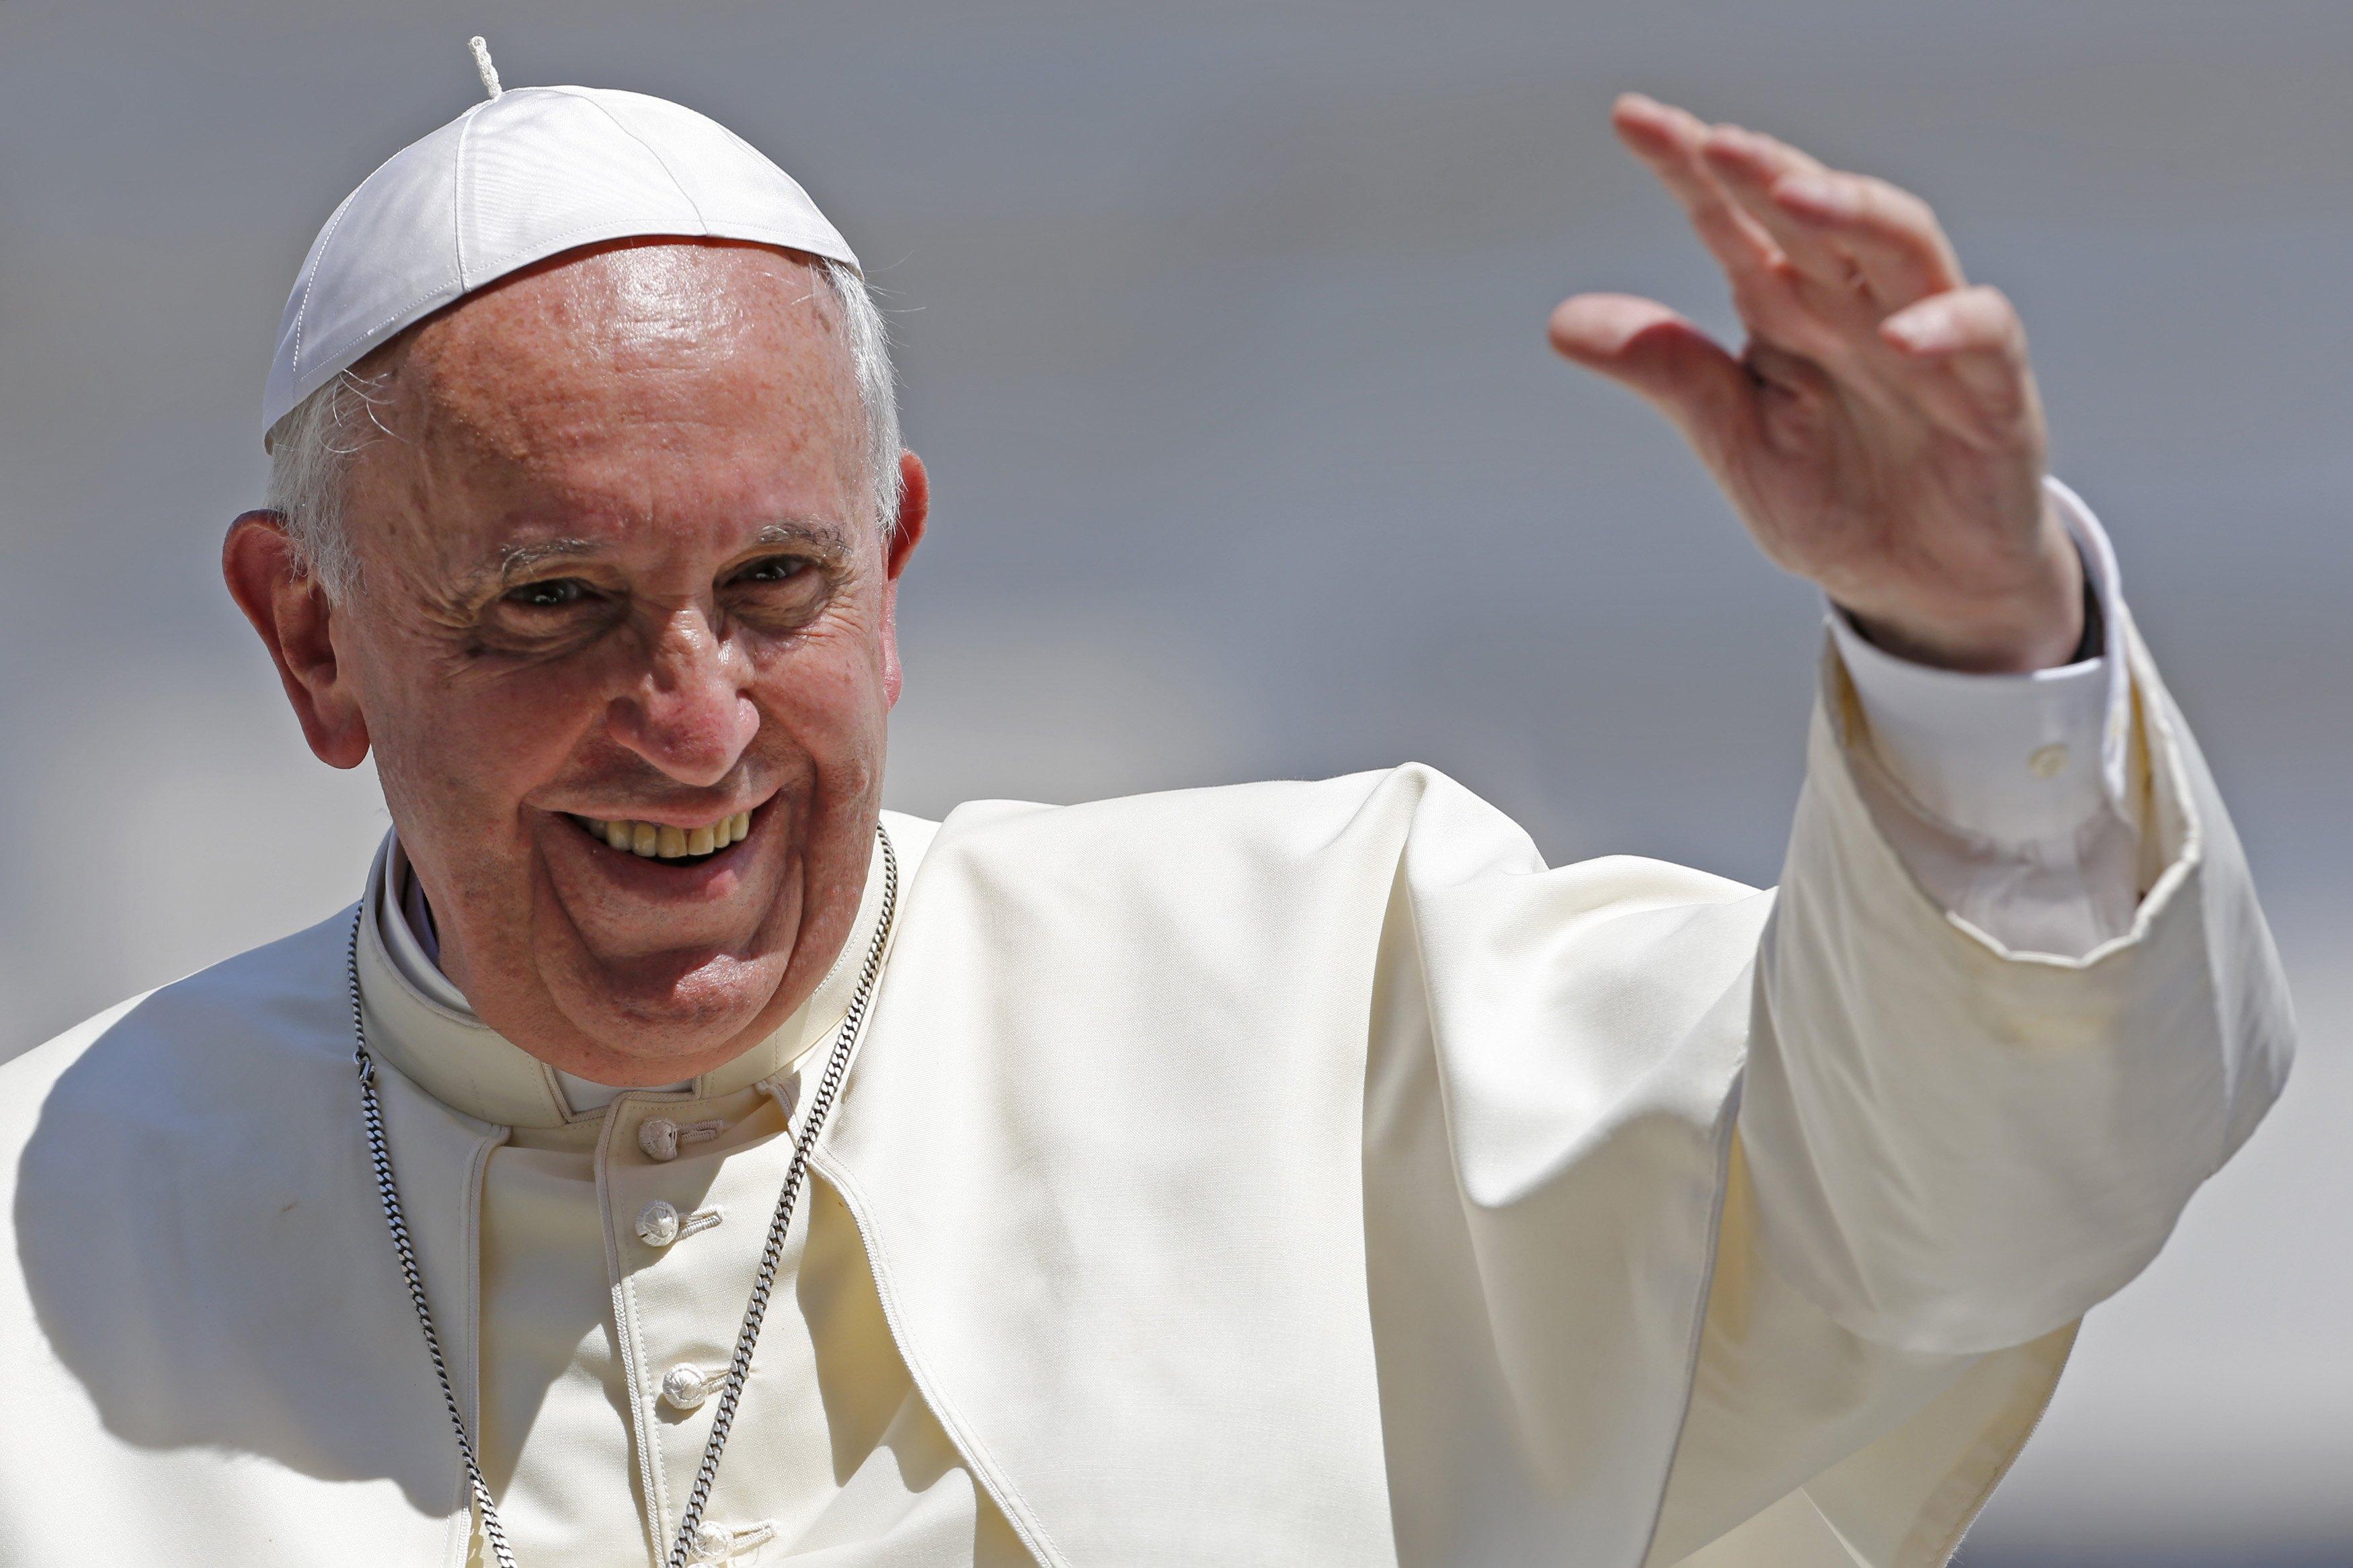 El papa llama a proteger el deporte de su explotación comercial y corrupción